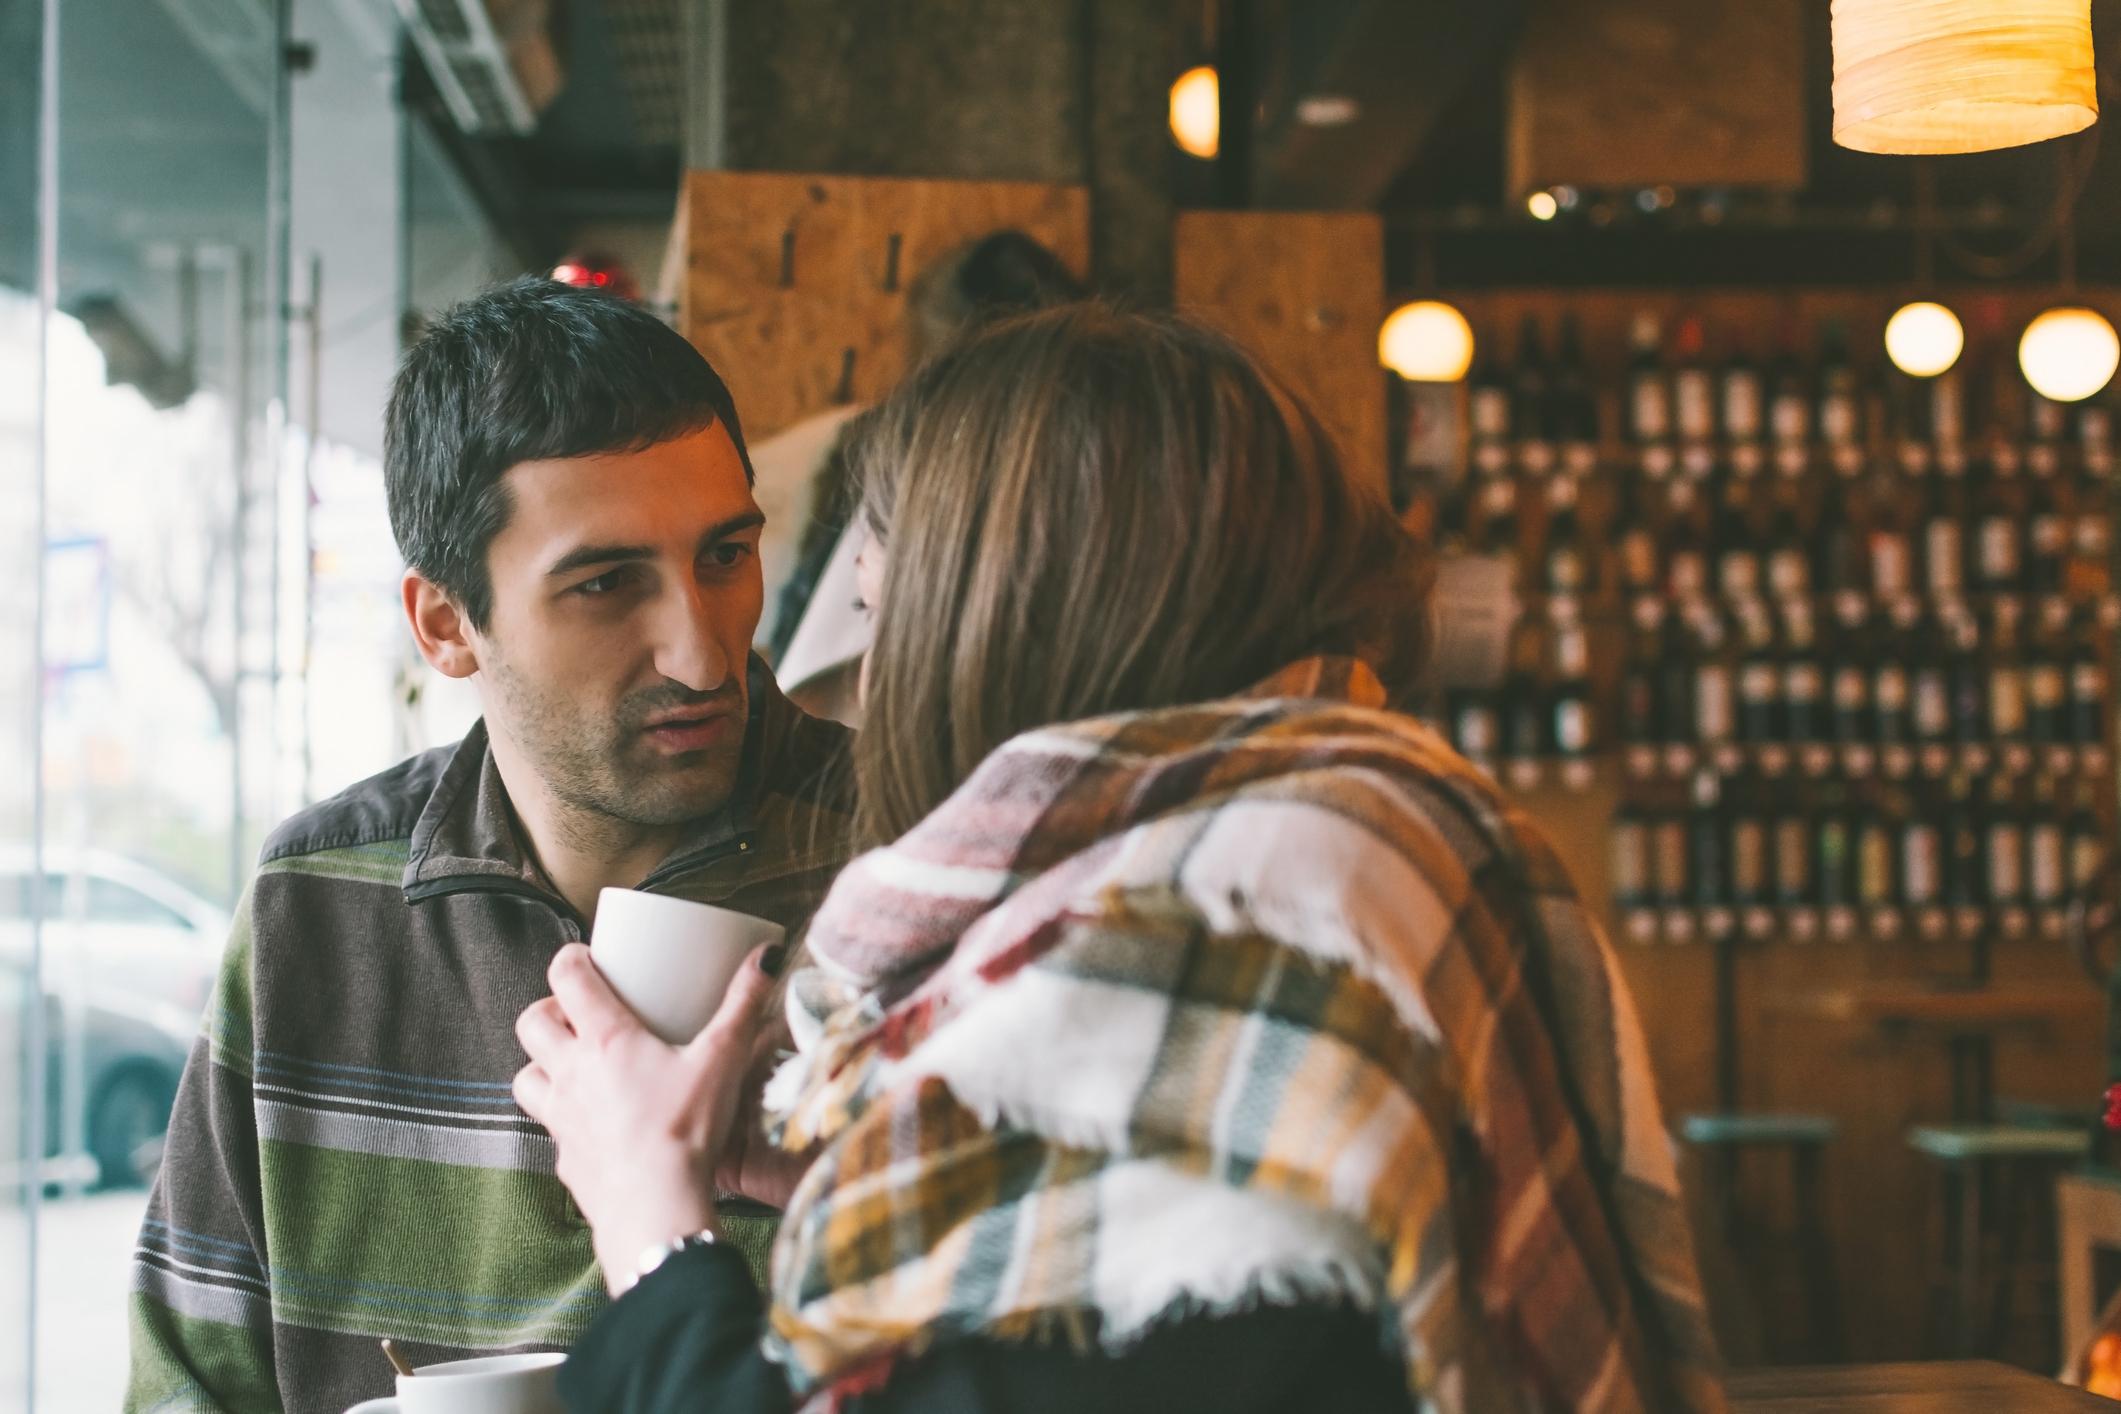 Flash dating app Hon matchmaking status